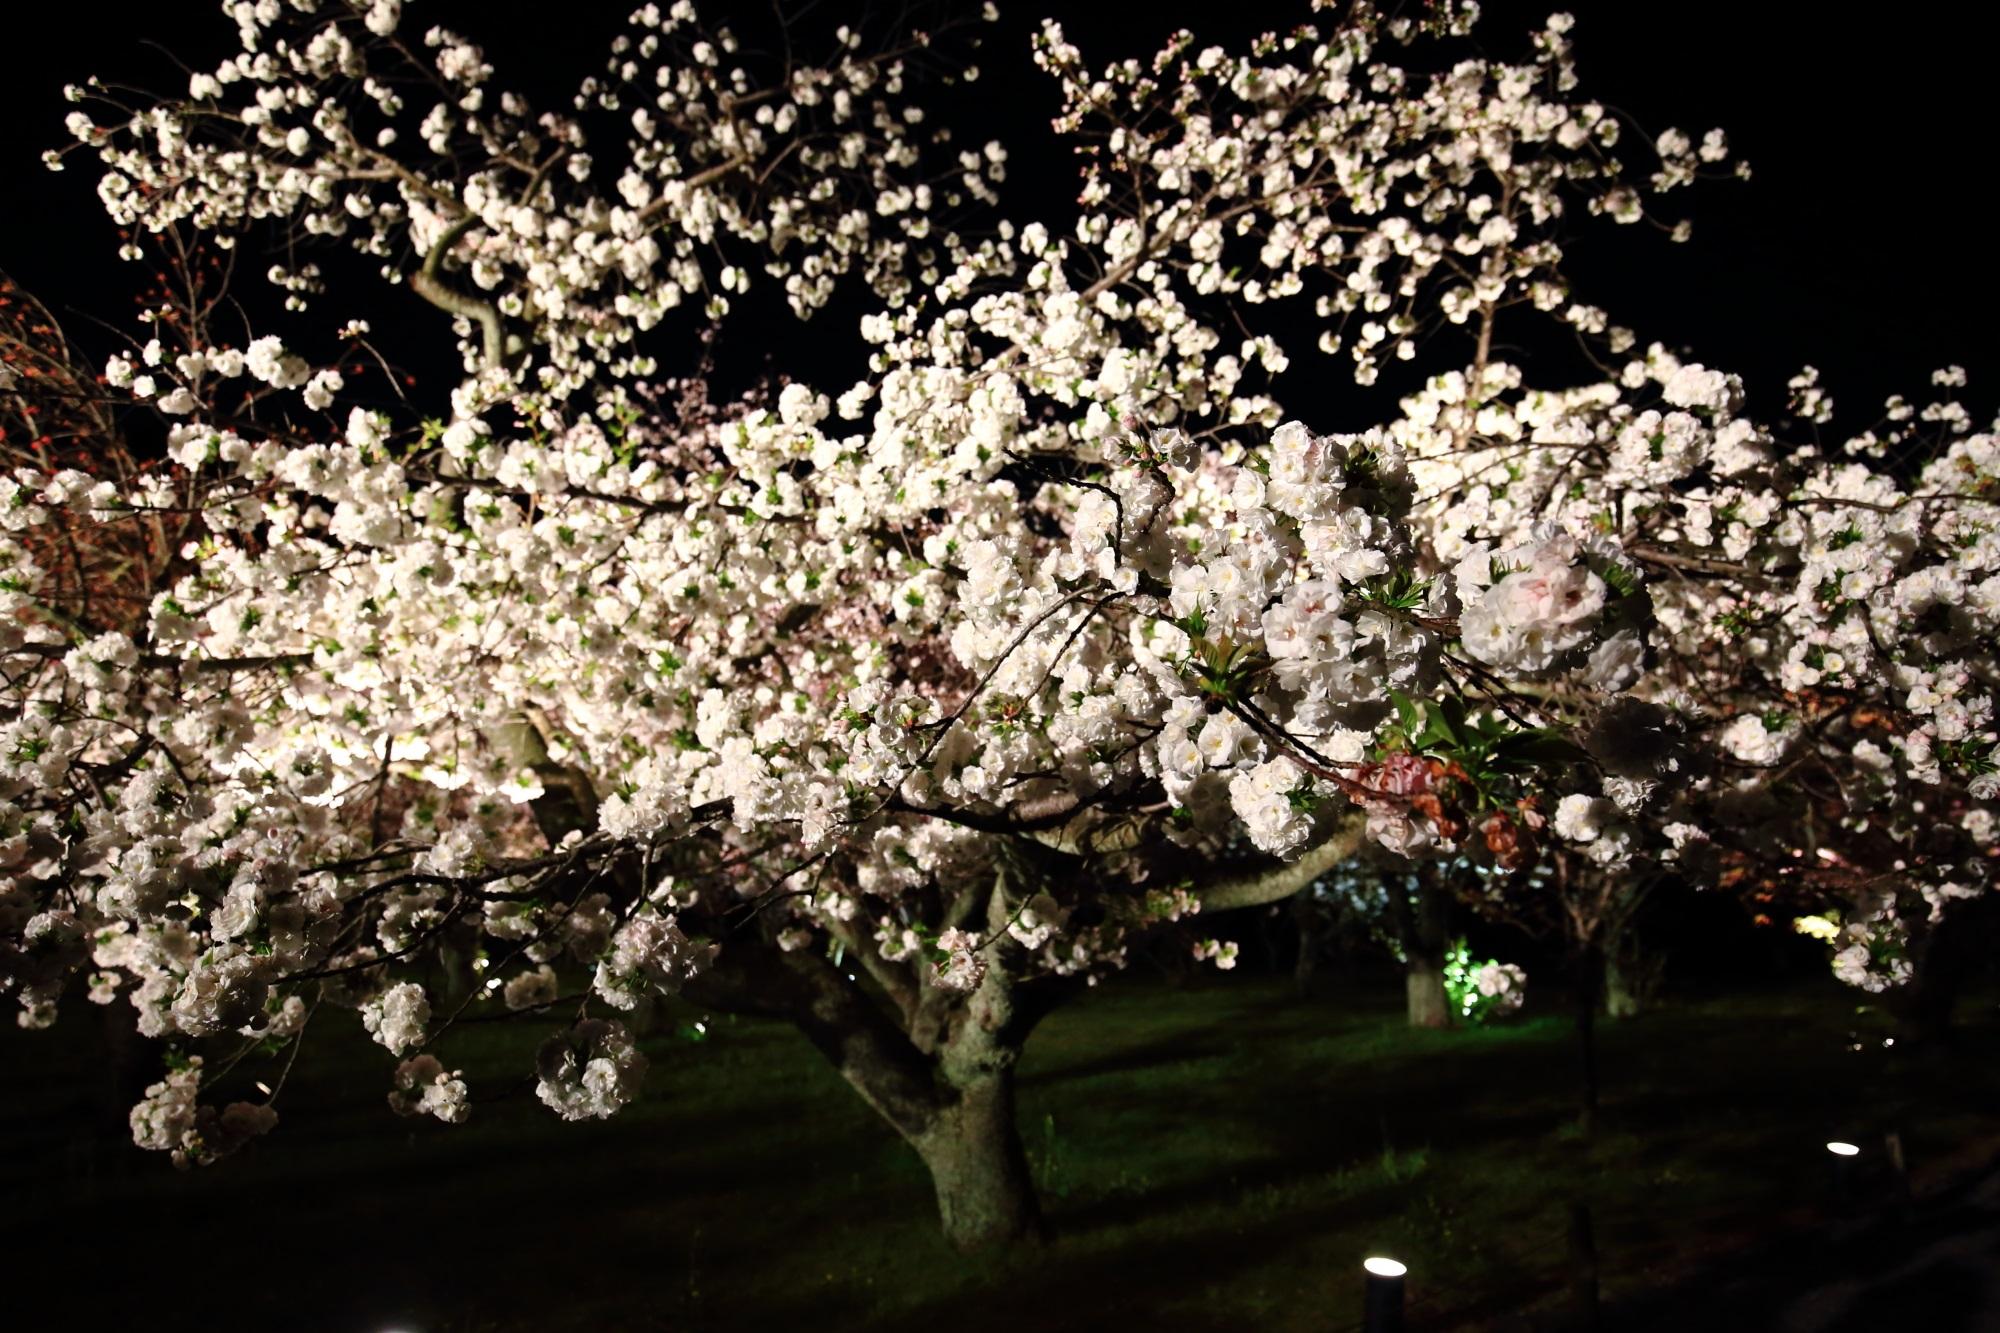 満開の八重桜につつまれる二条城の夜の桜の園